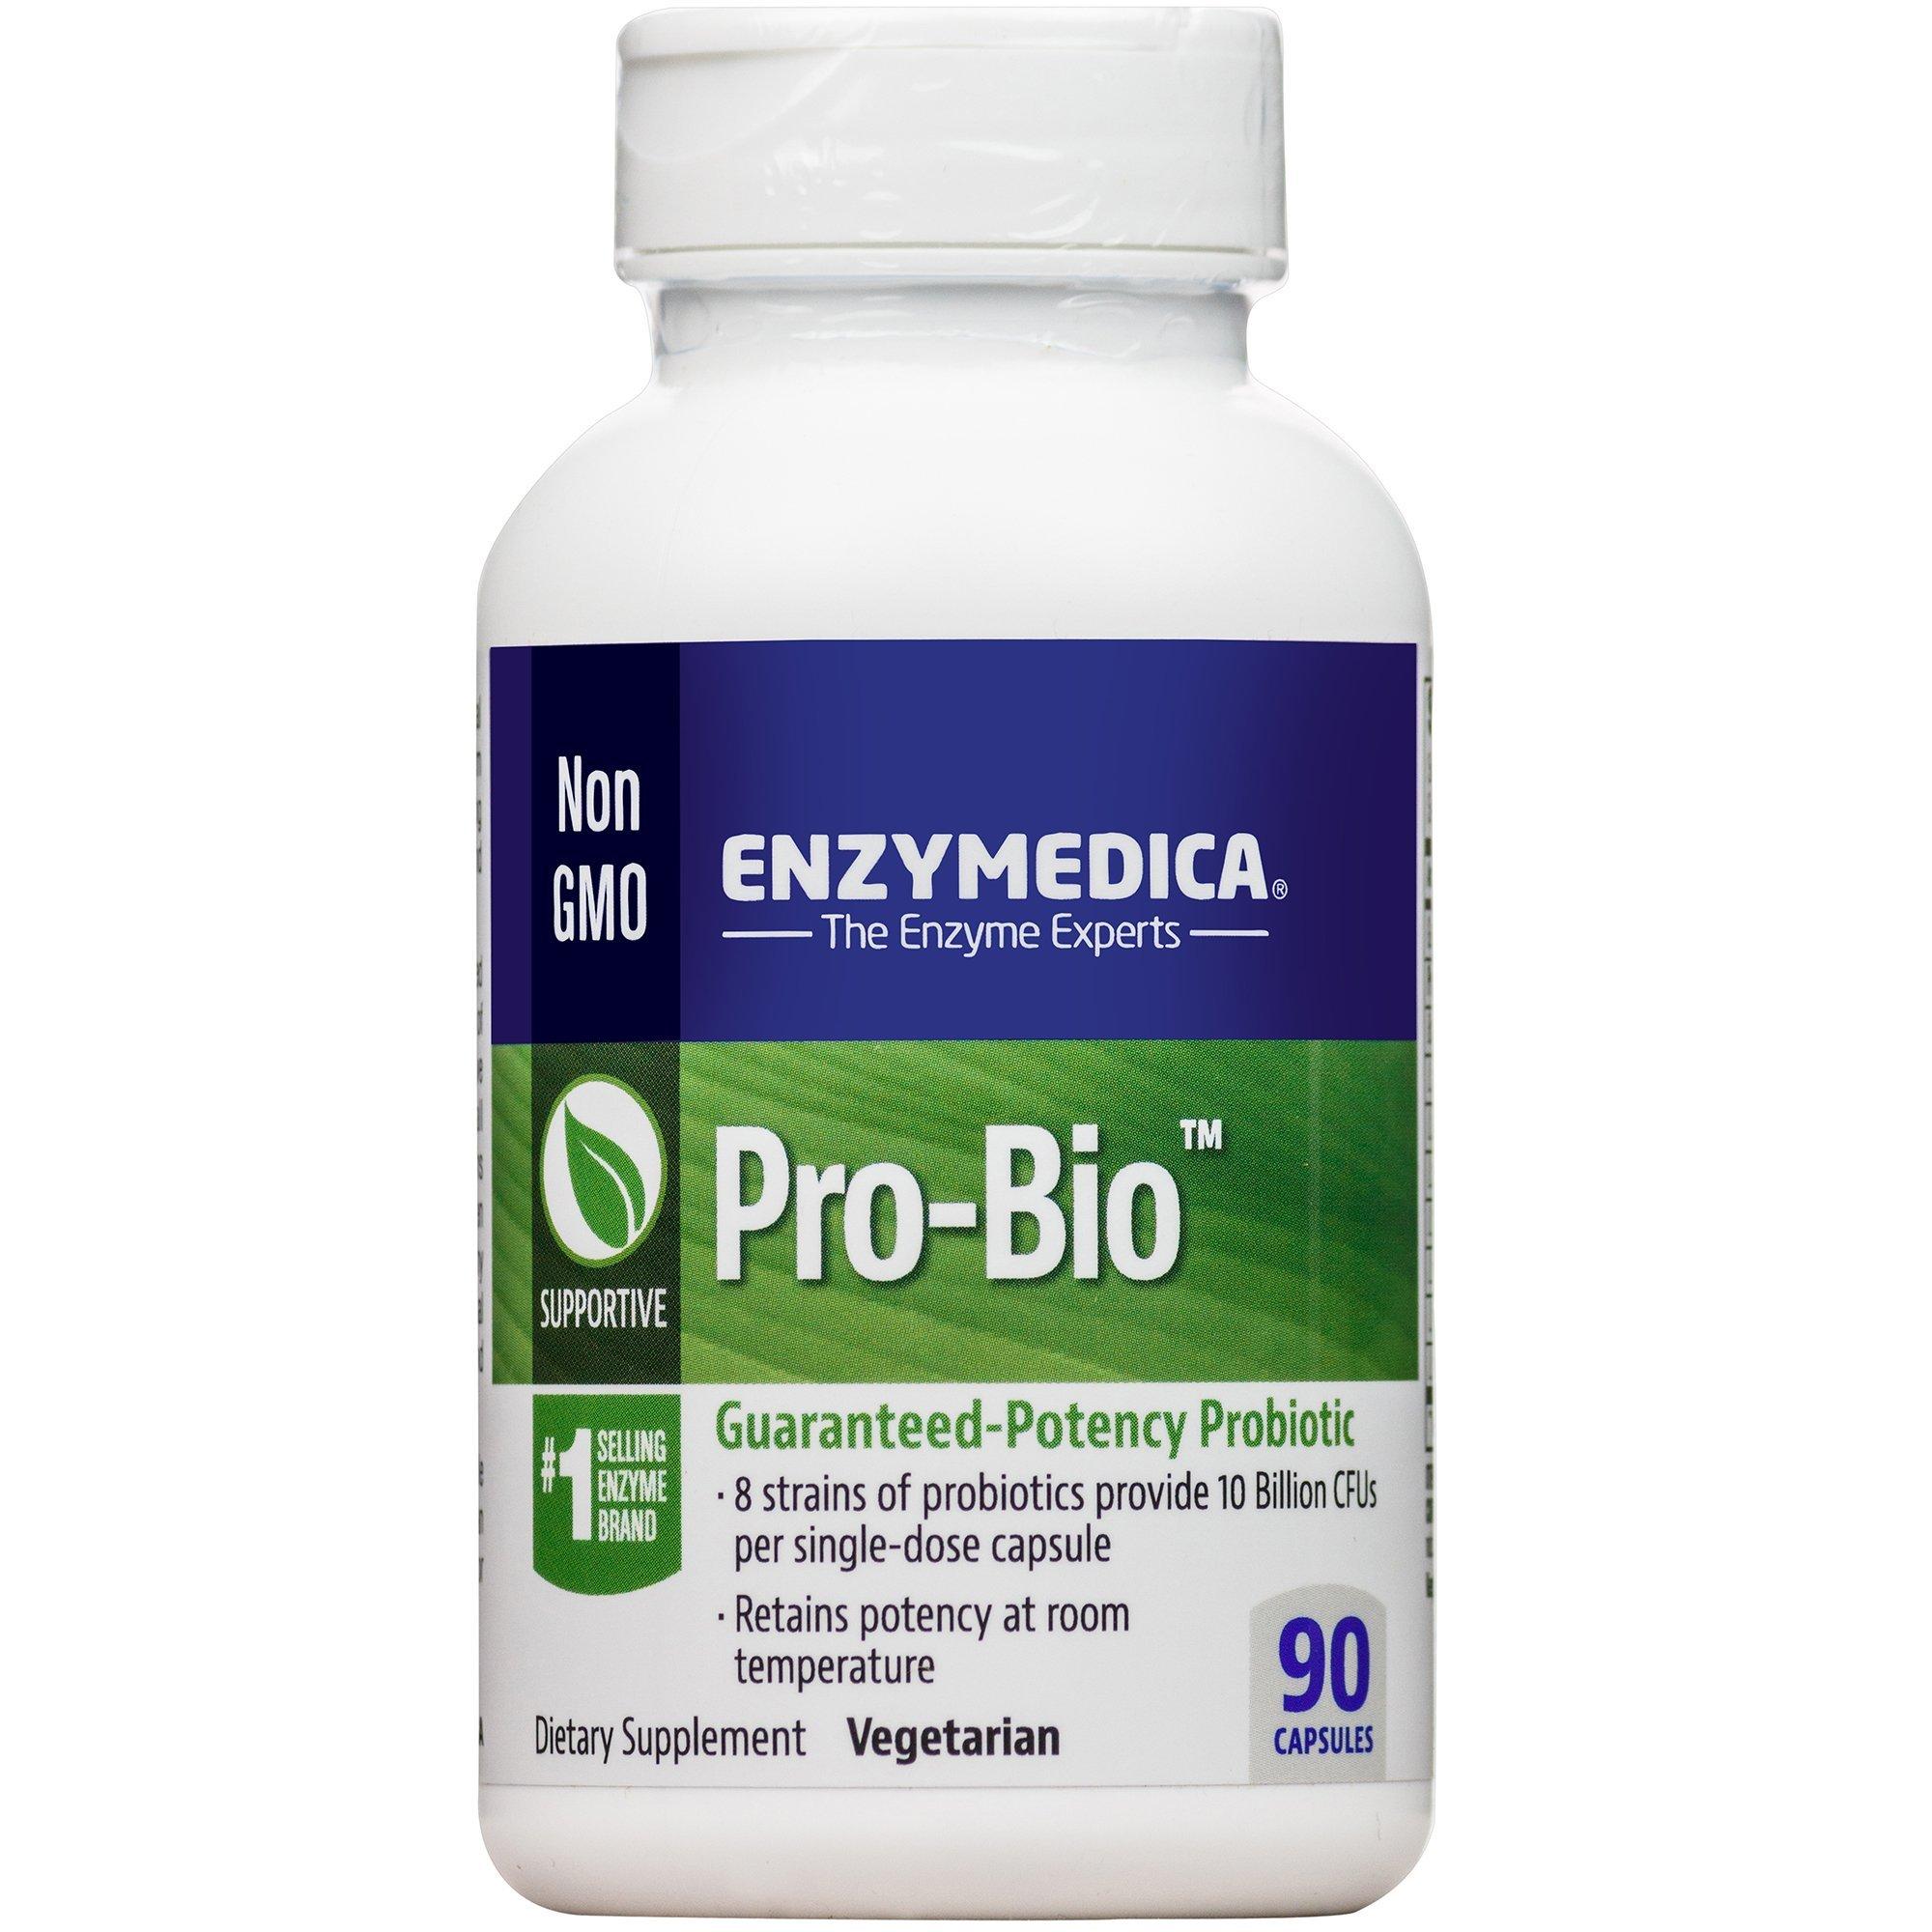 Enzymedica - Pro-Bio, Guaranteed-Potency Probiotic, 90 Capsules